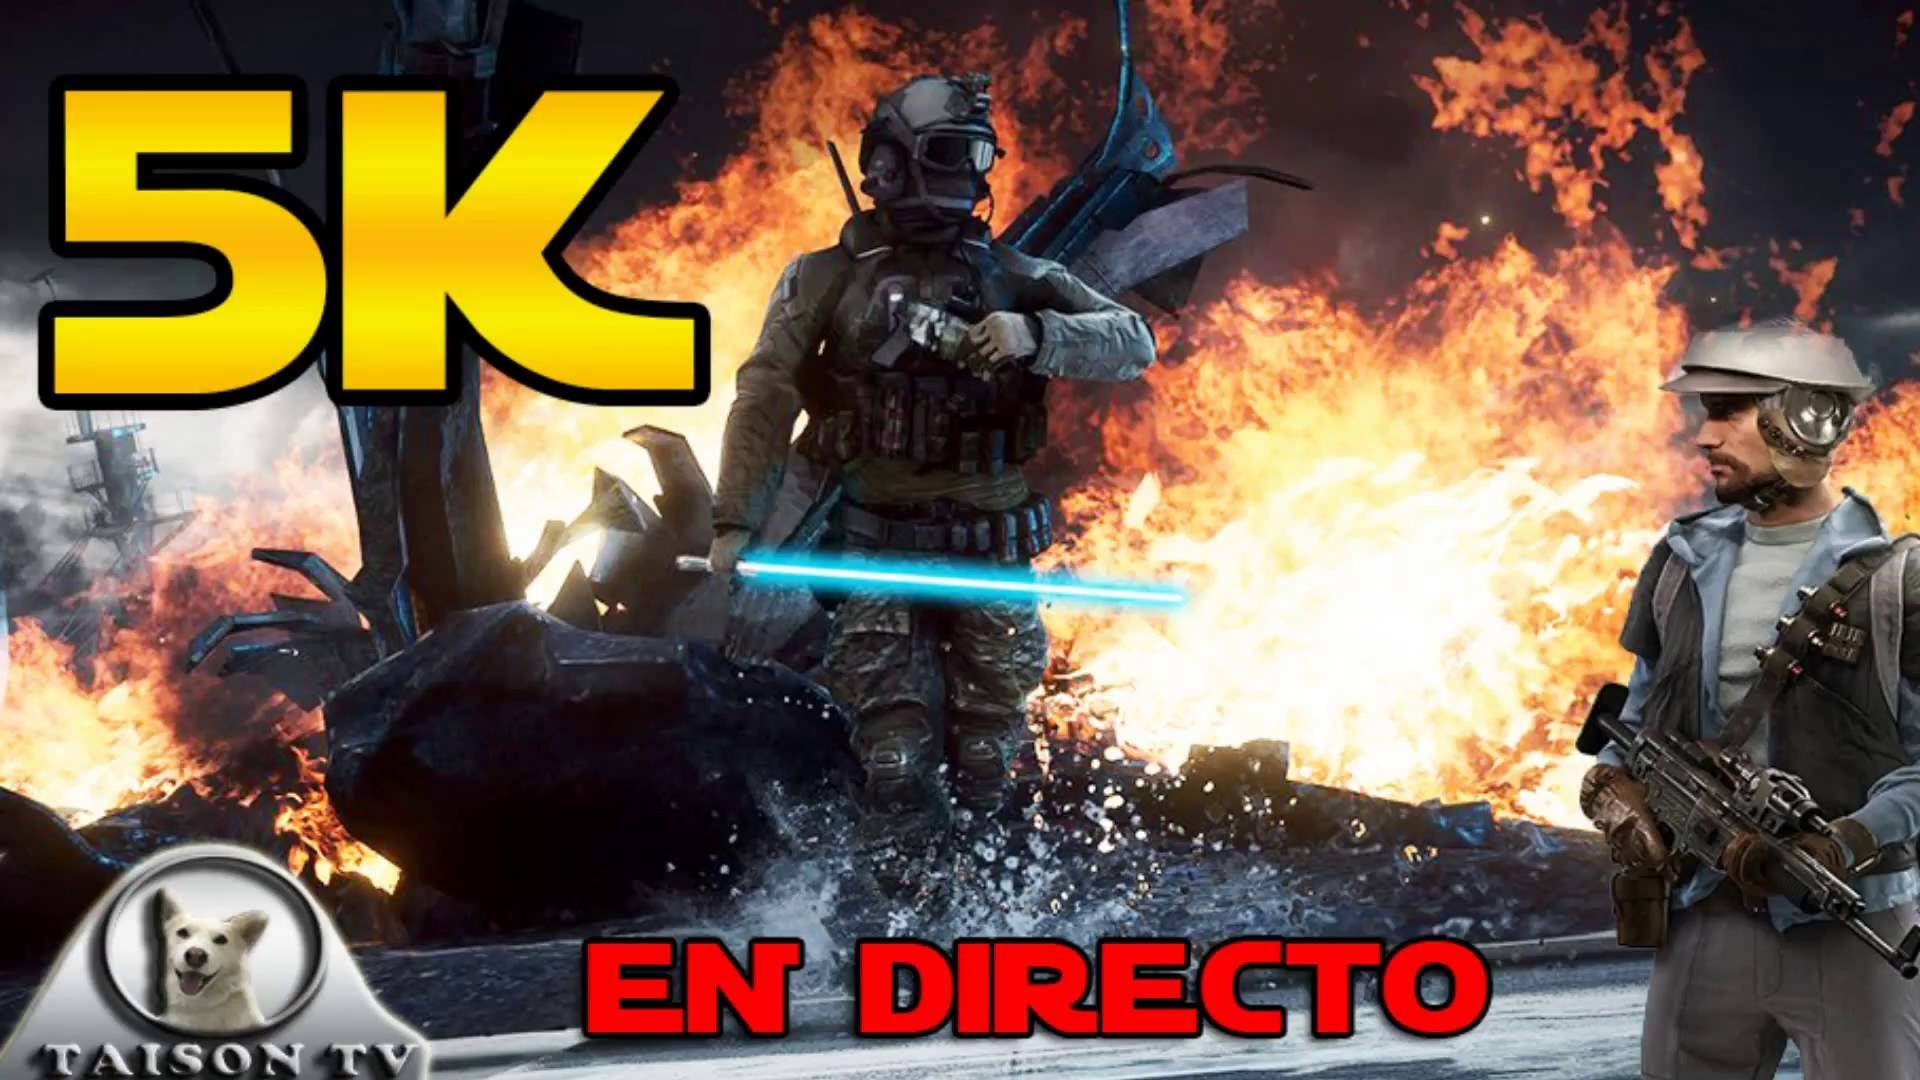 Directo Especial 5K Preguntas y Respuestas de Battlefront y Battlefield